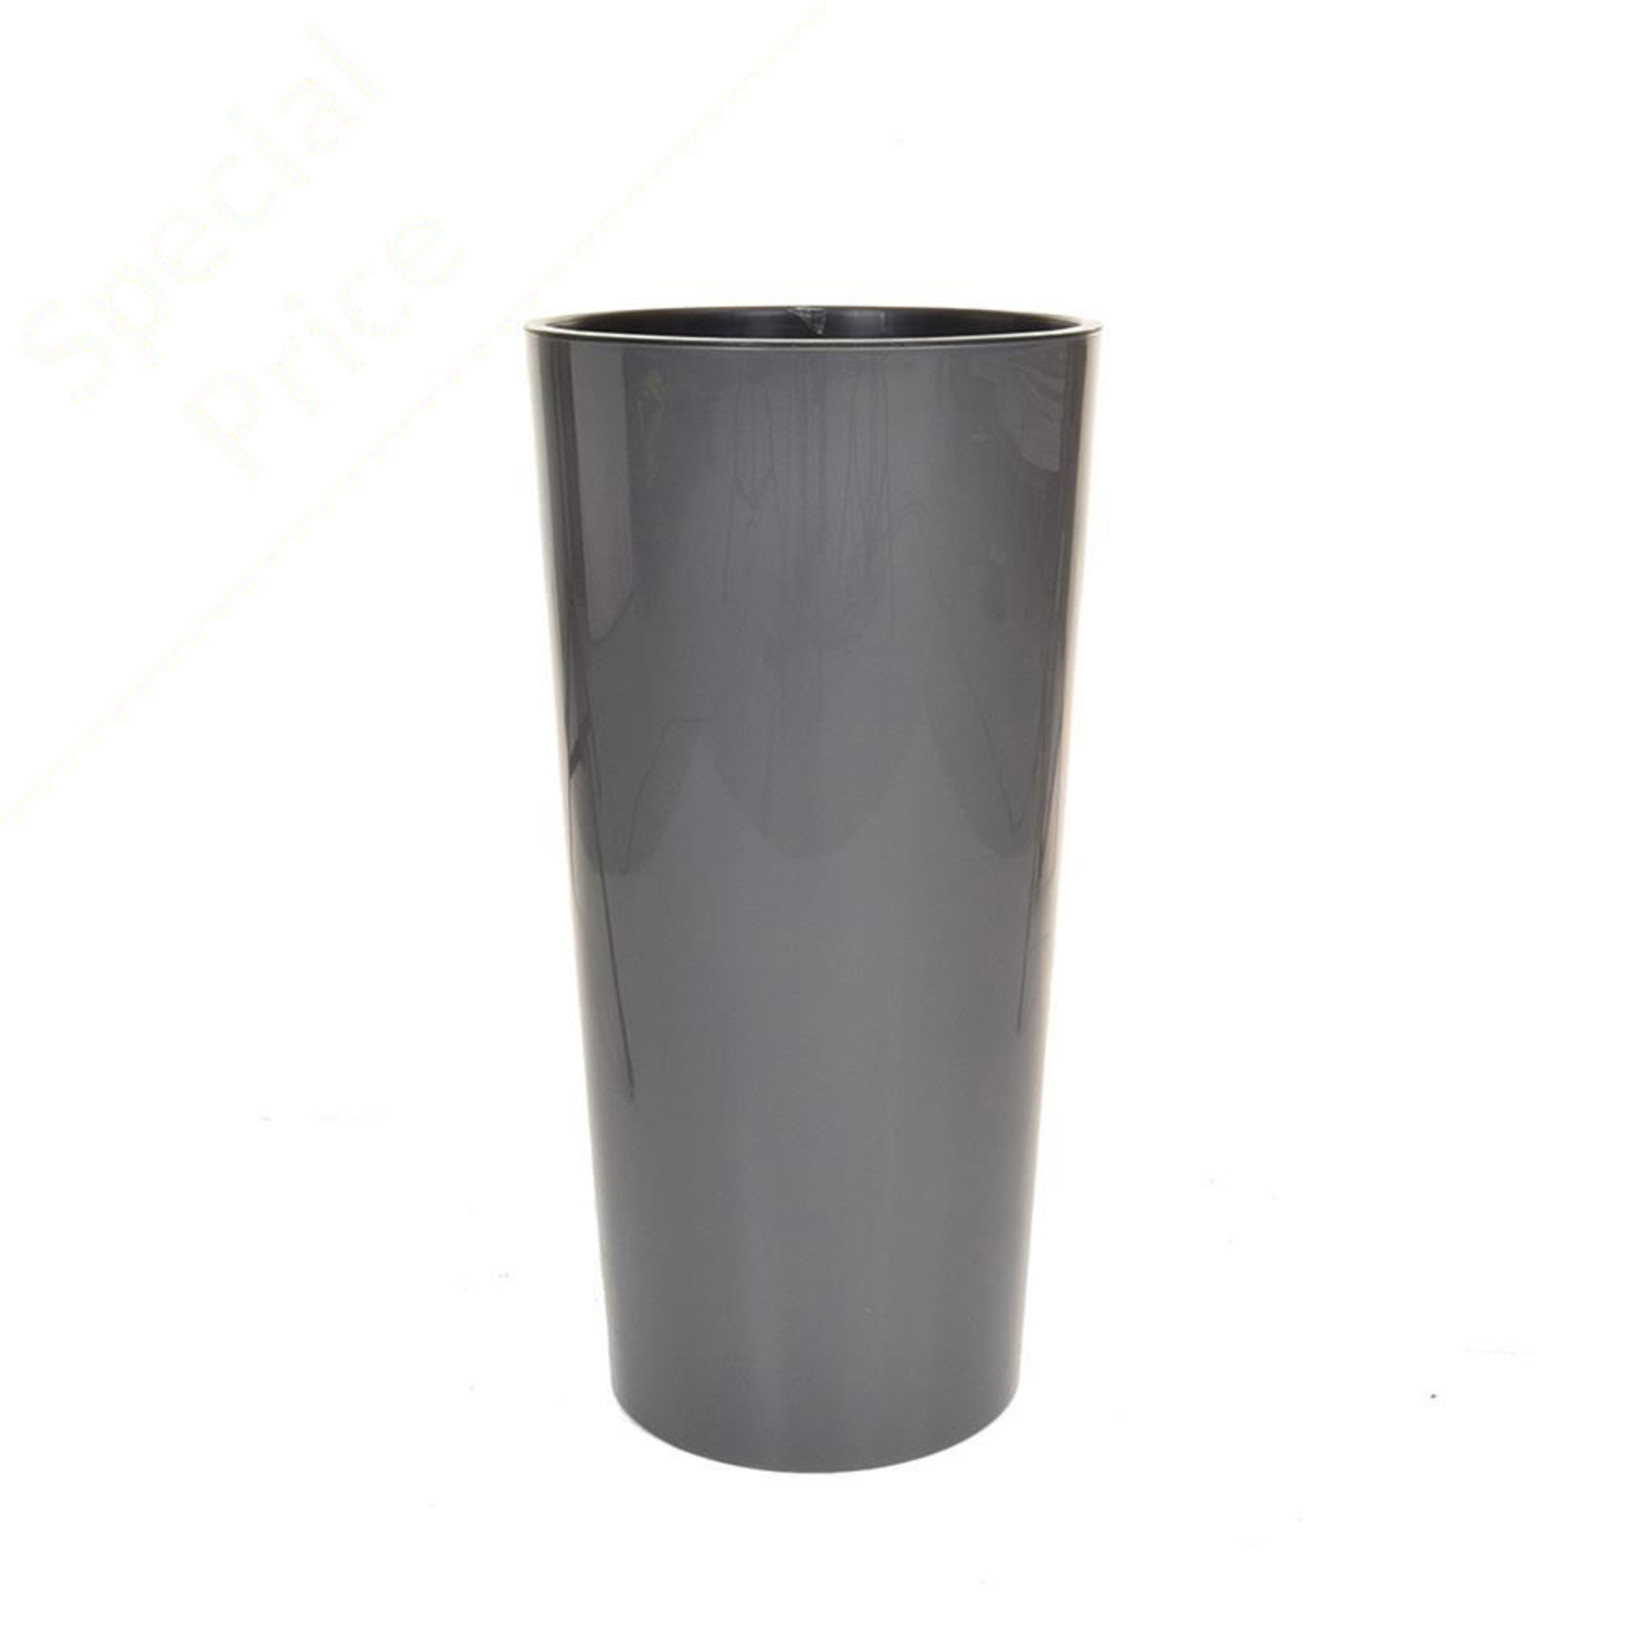 V-Pot Lilia Grey Hi Rnd 30x57cm